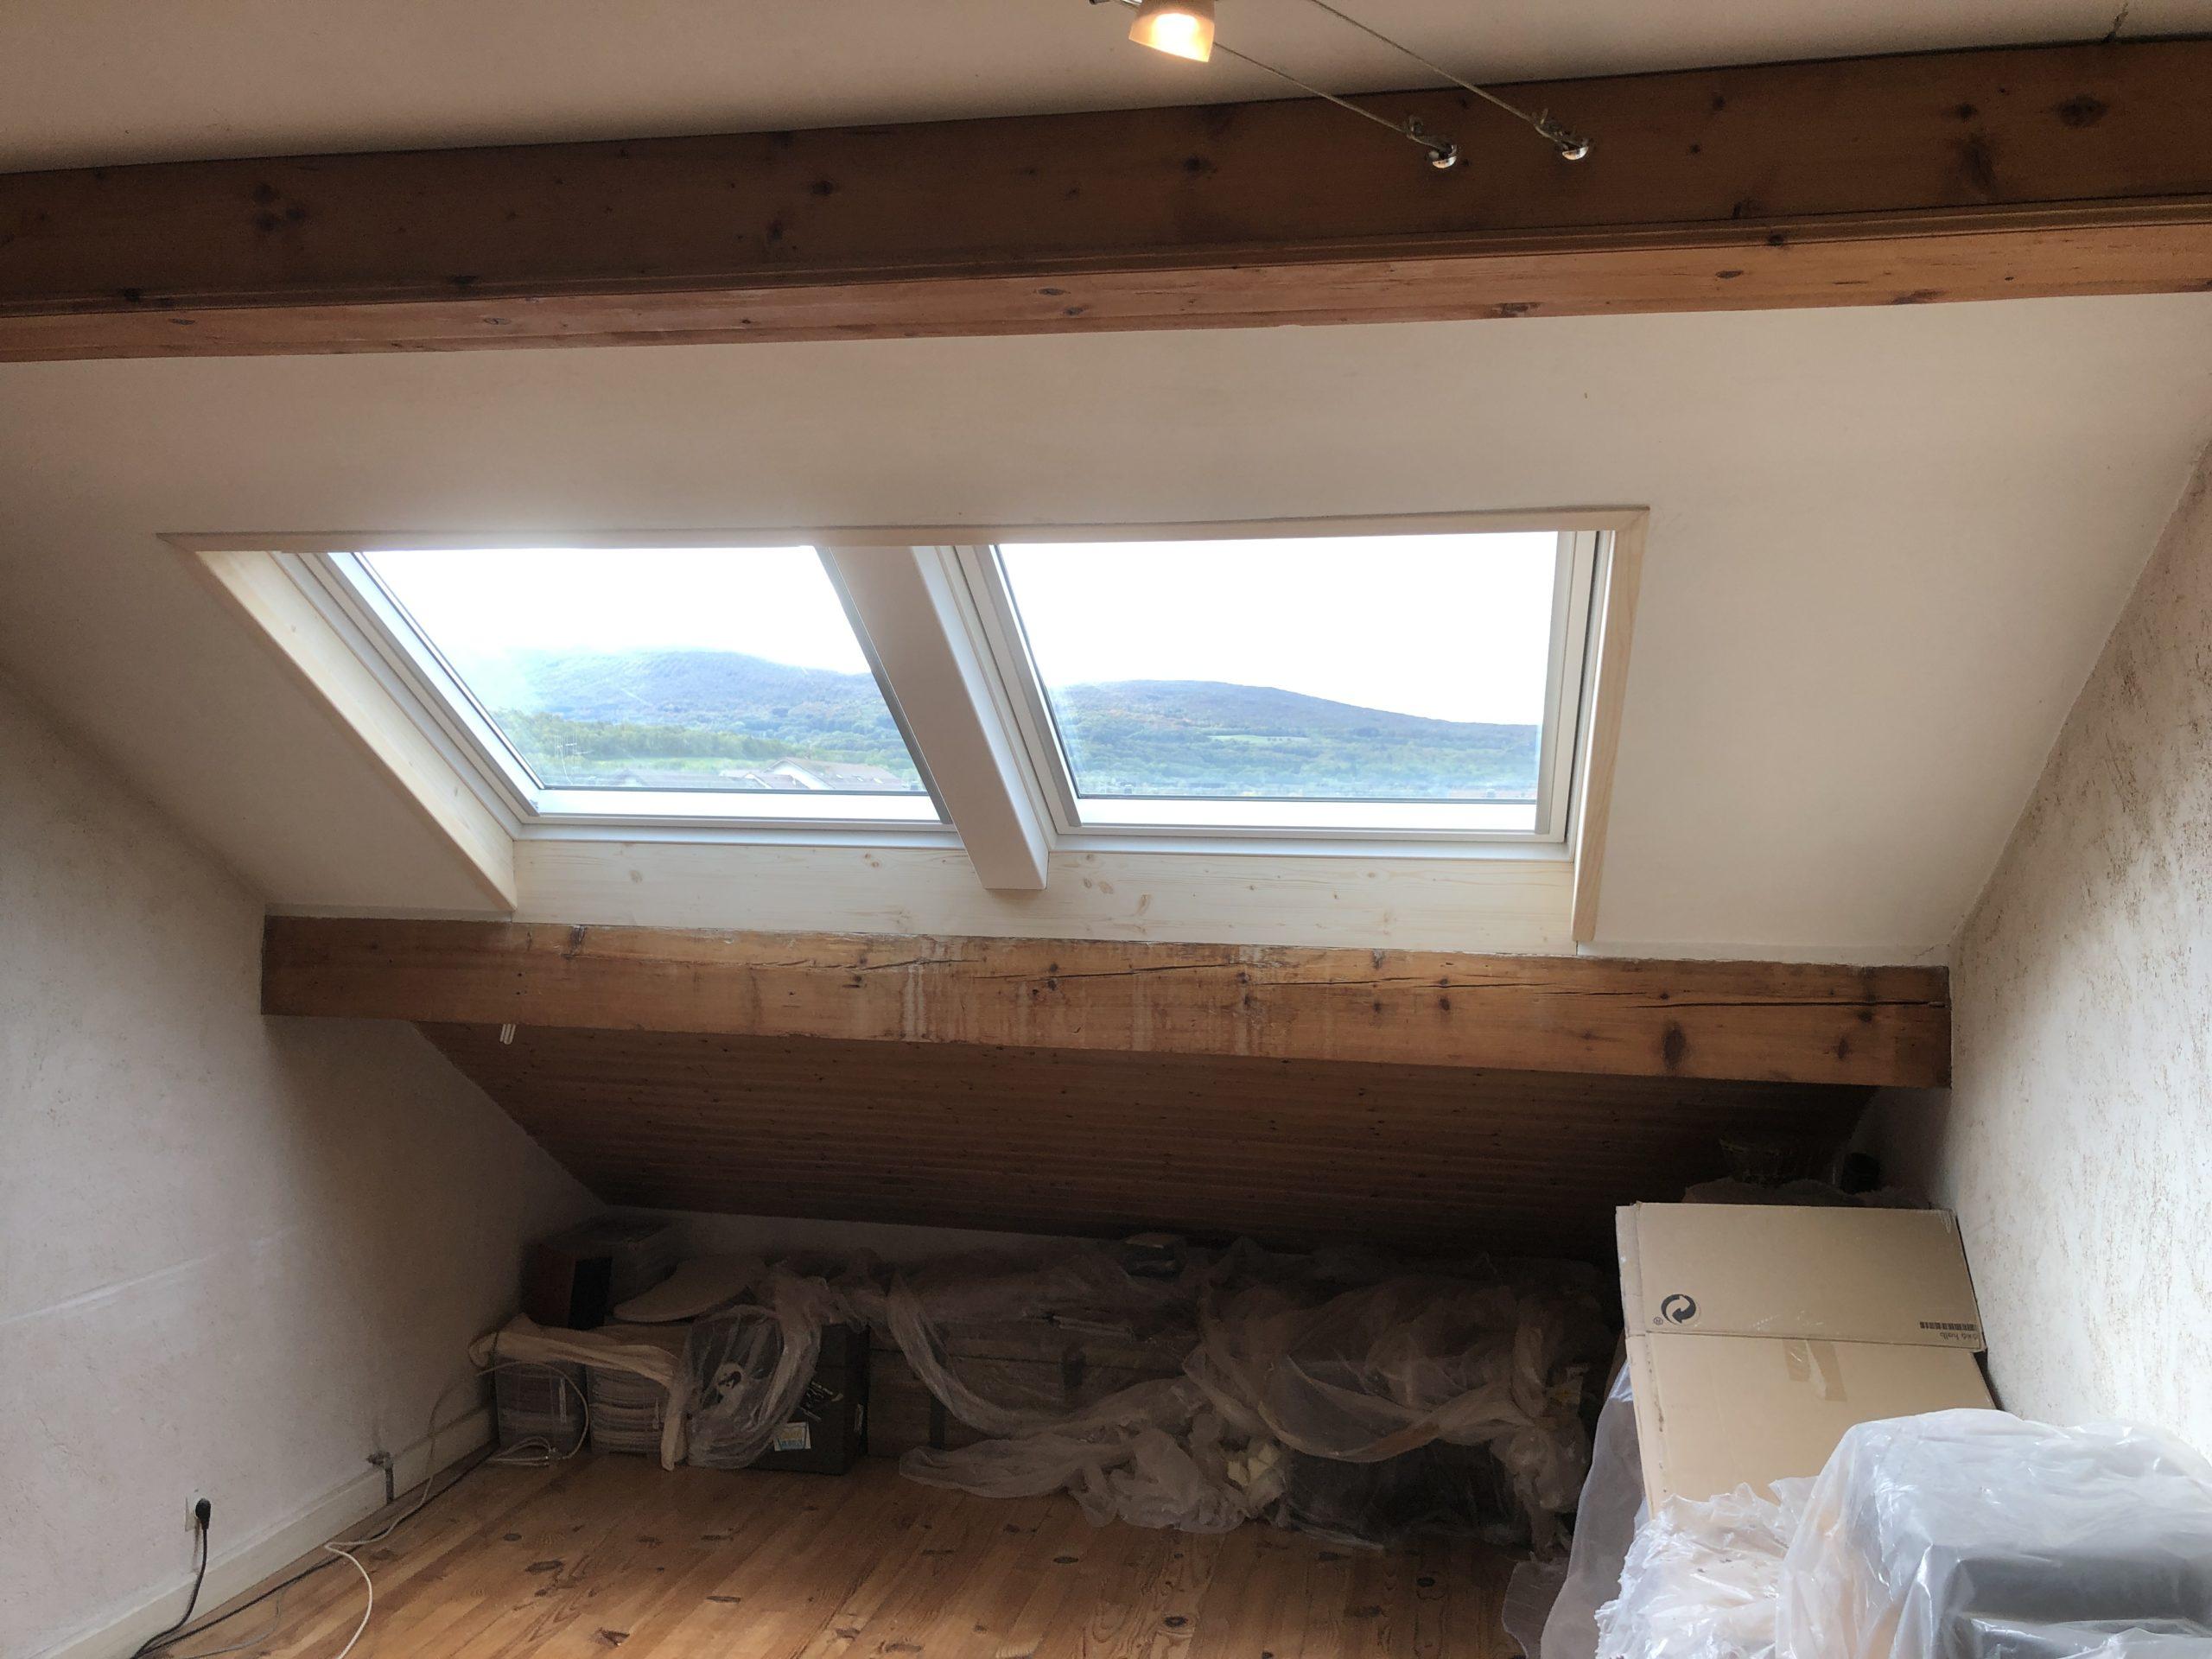 Création d'une double fenêtre de toit VELUX à Valleiry